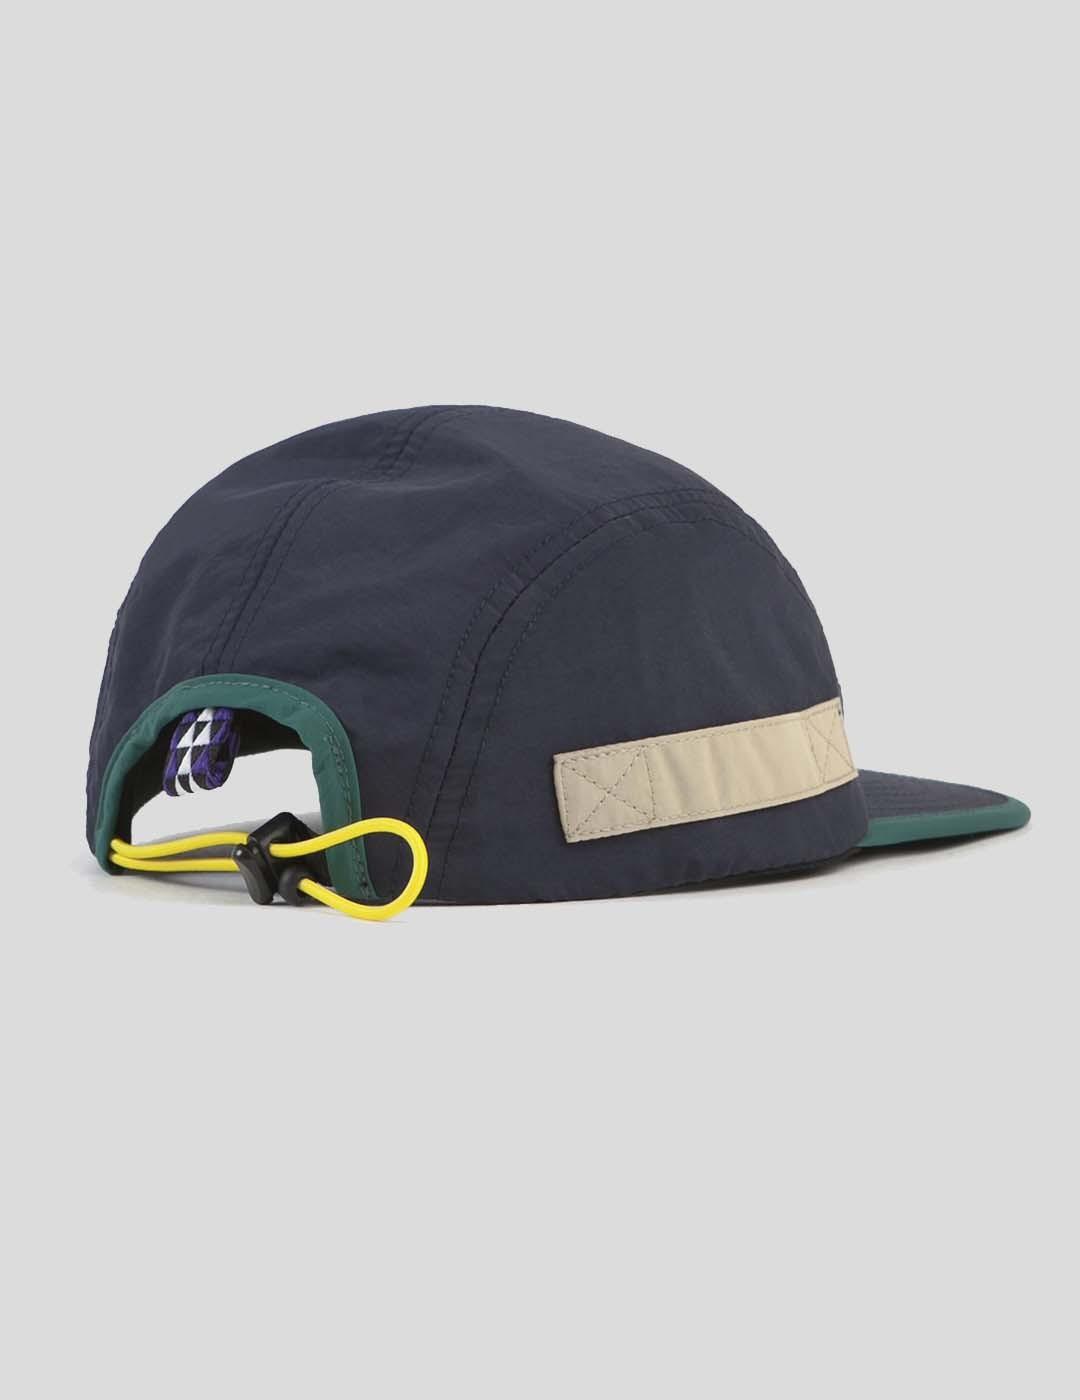 GORRA BUTTER GOODS FOLEY CAMP CAP NAVY